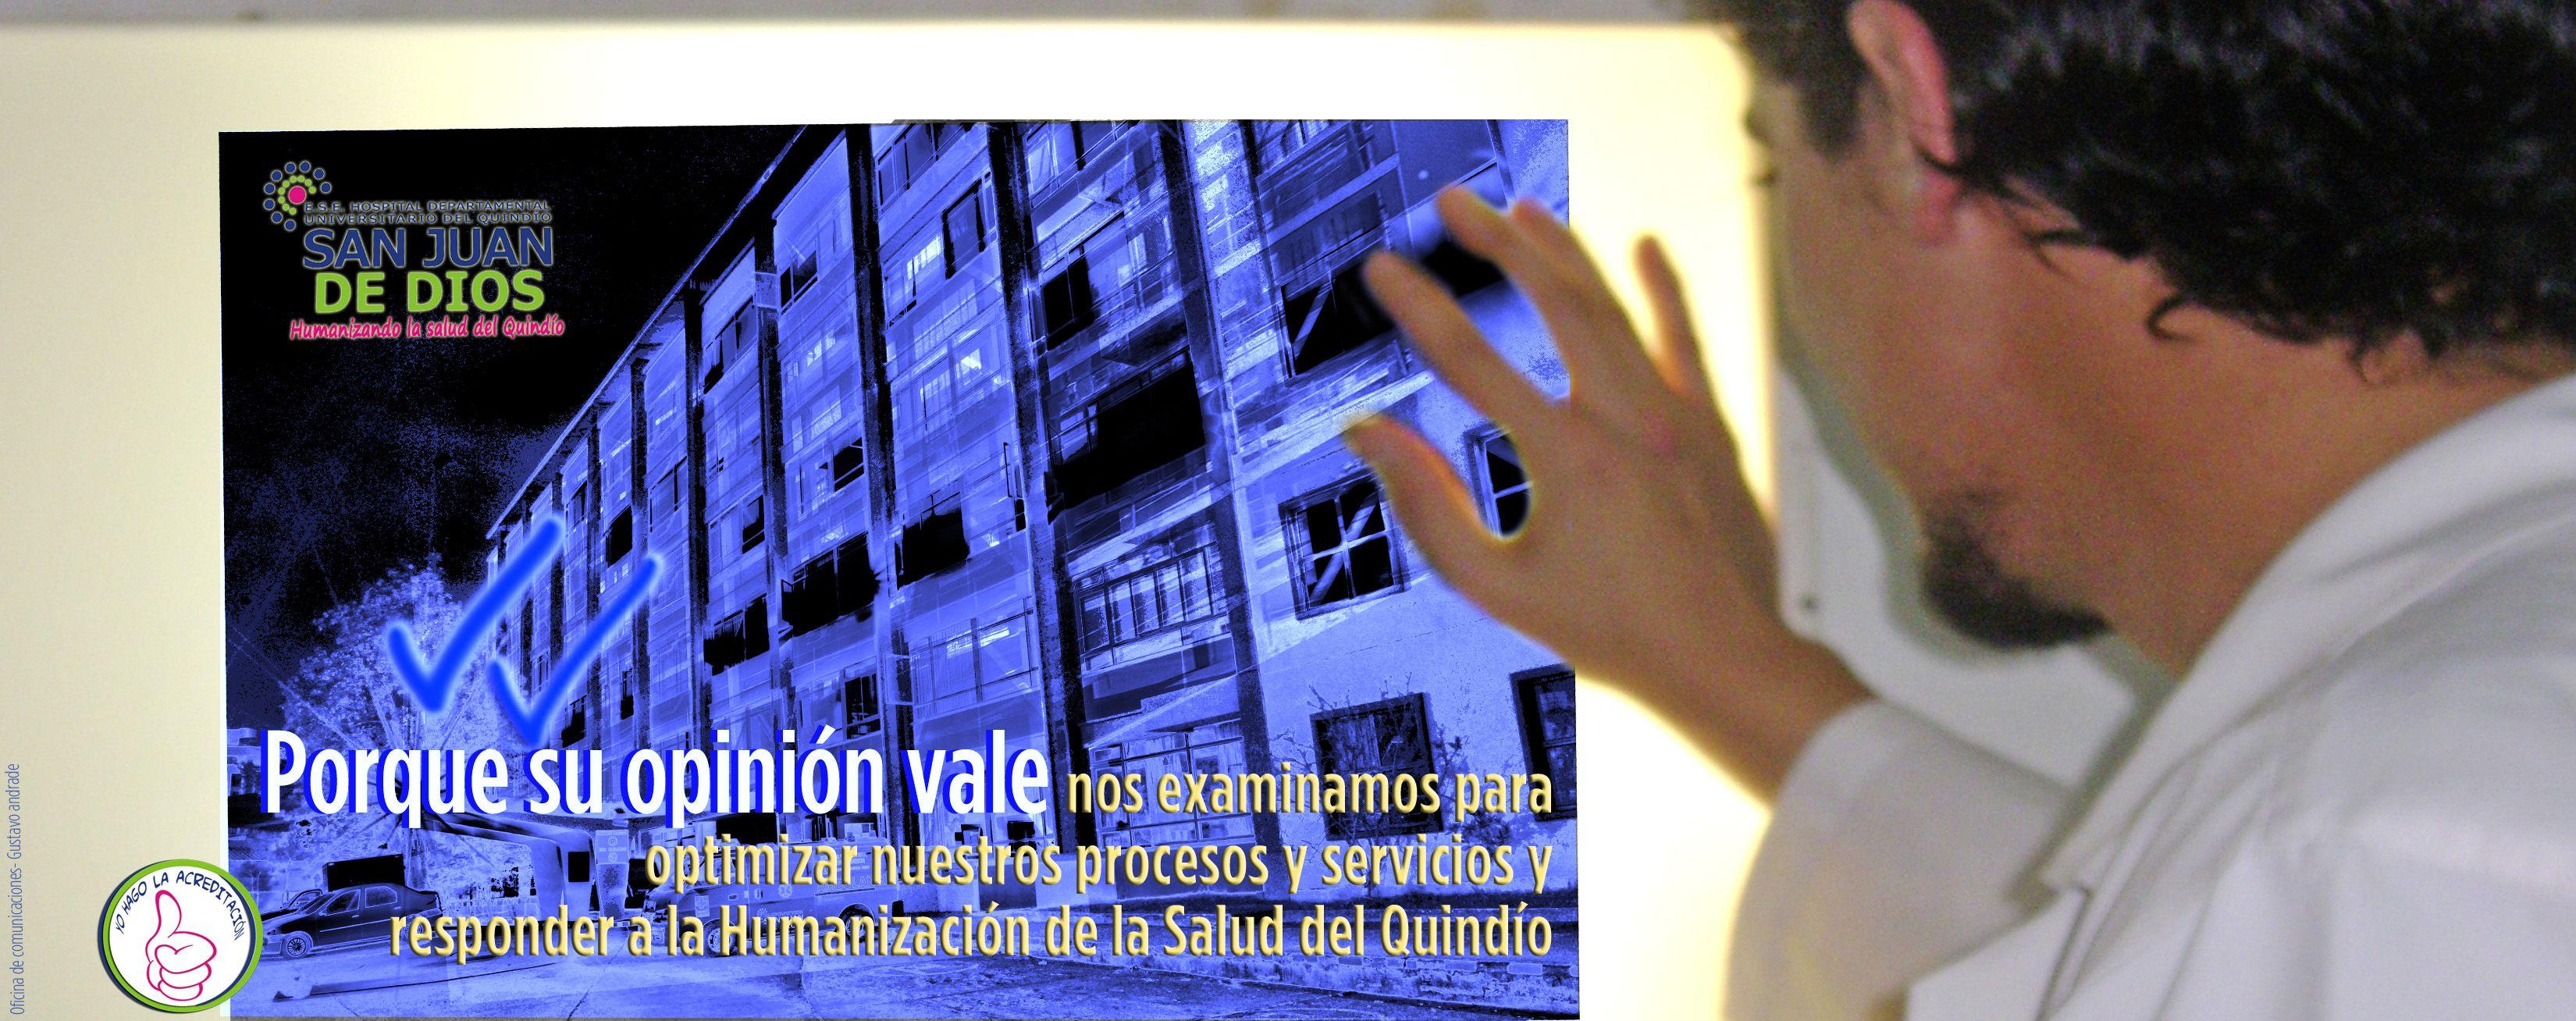 ACREDITACION HOSPITAL DEPARTAMENTAL UNIVERSITARIO DEL QUINDIO SAN JUAN DE DIOS